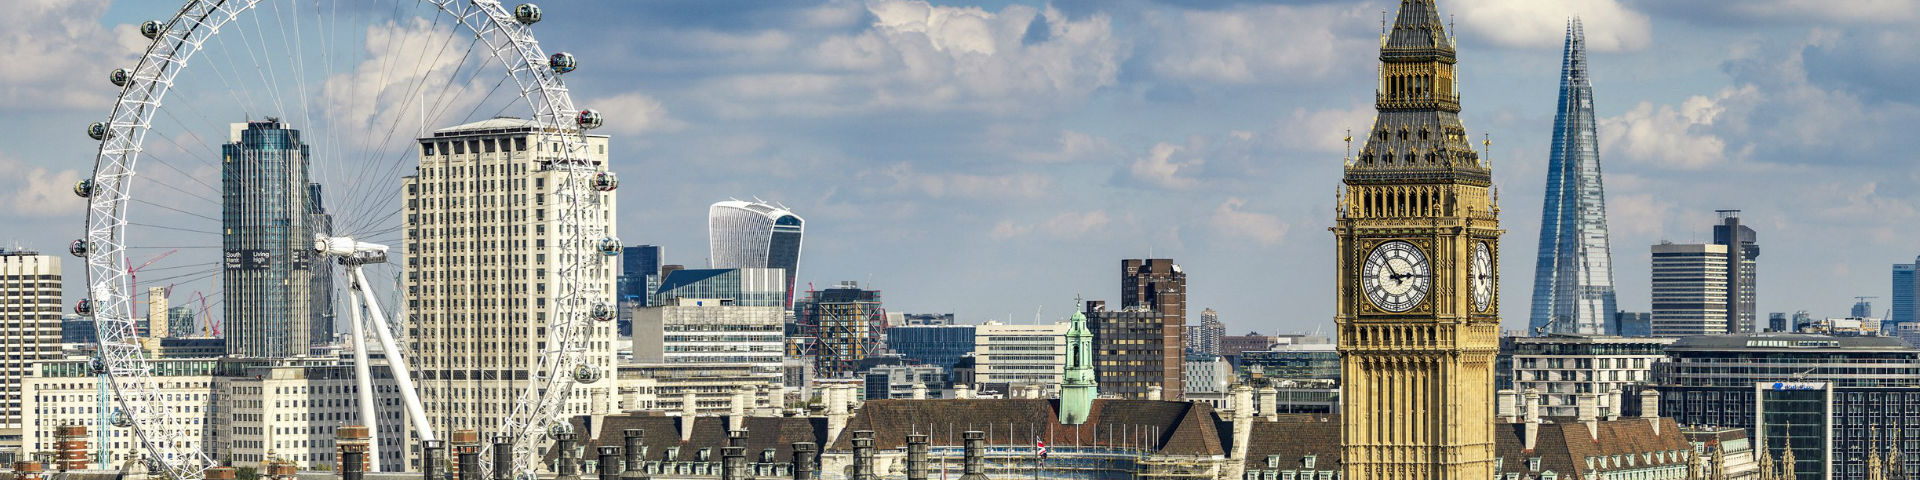 Акции британских букмекеров подешевели из-за ужесточения законодательства